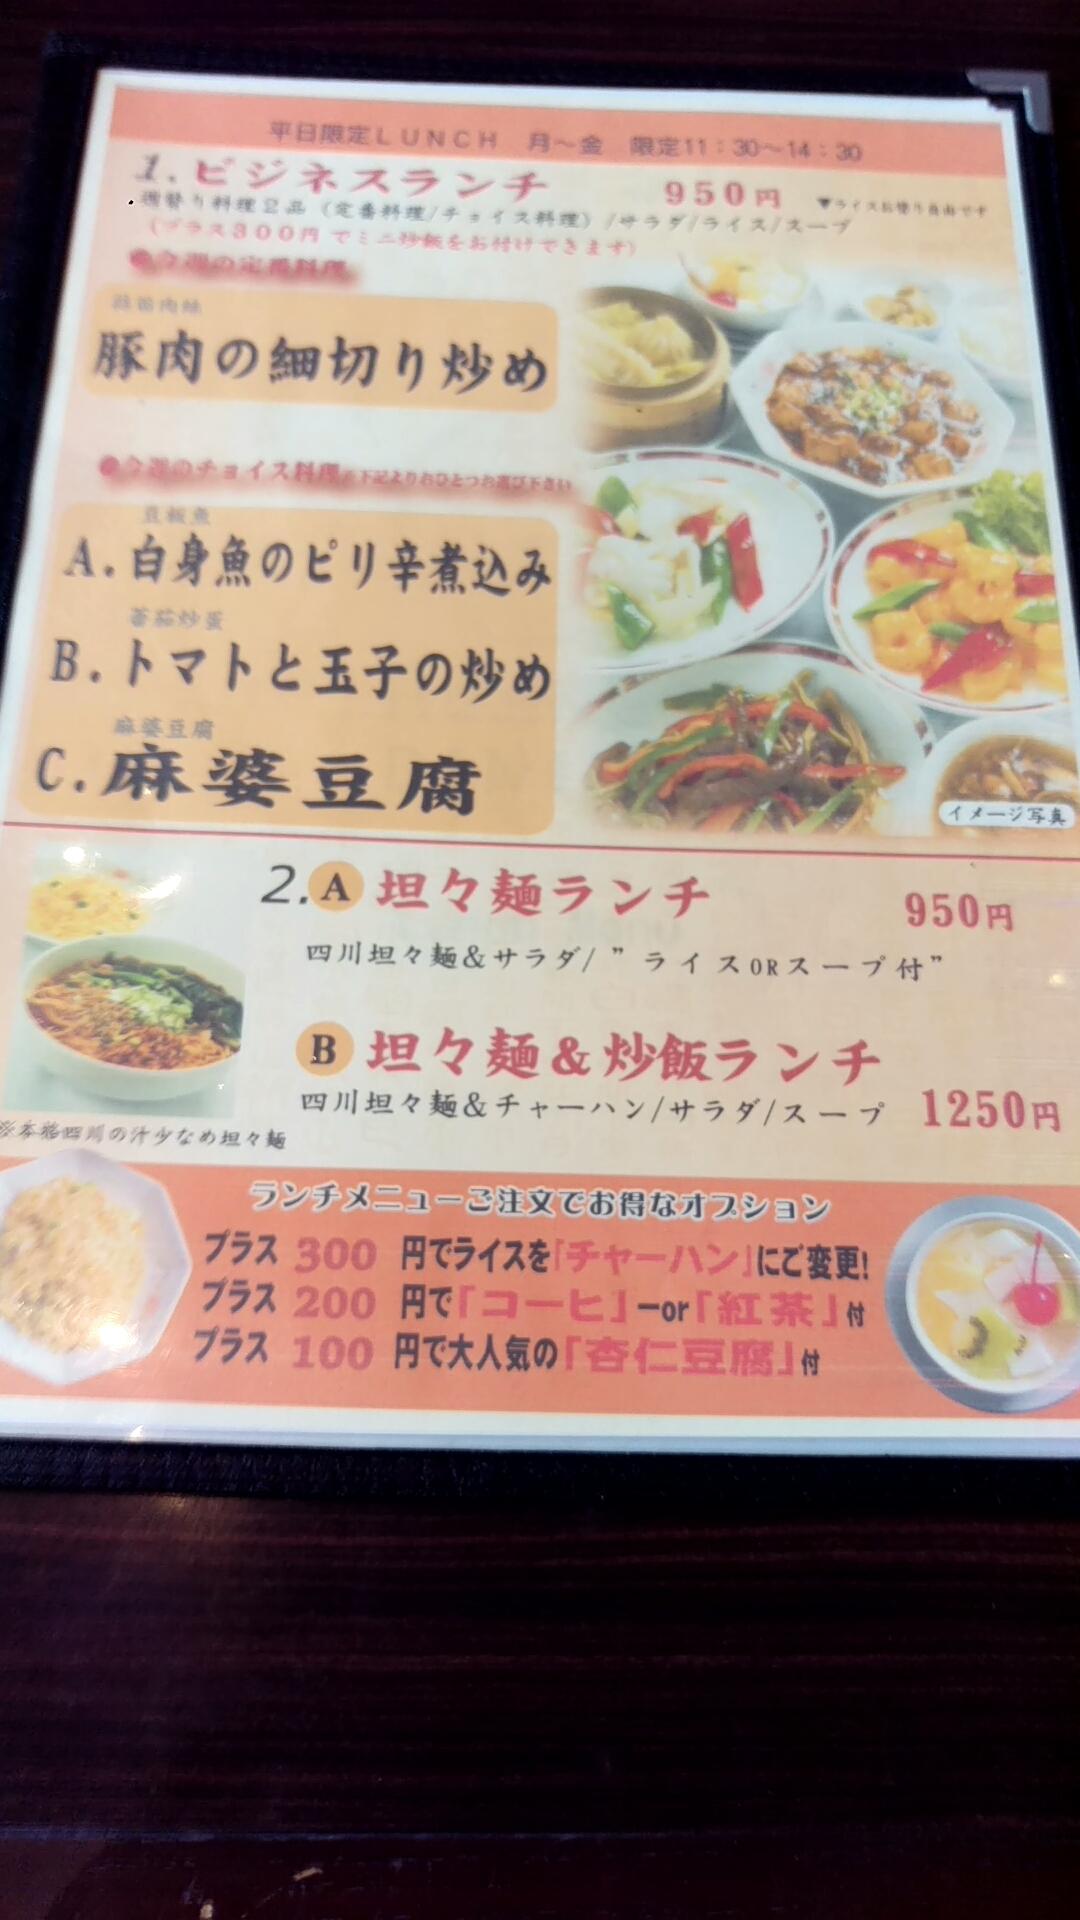 ホテルの8階で、景色のいいところなのに950円(税込)なのは嬉しい配慮